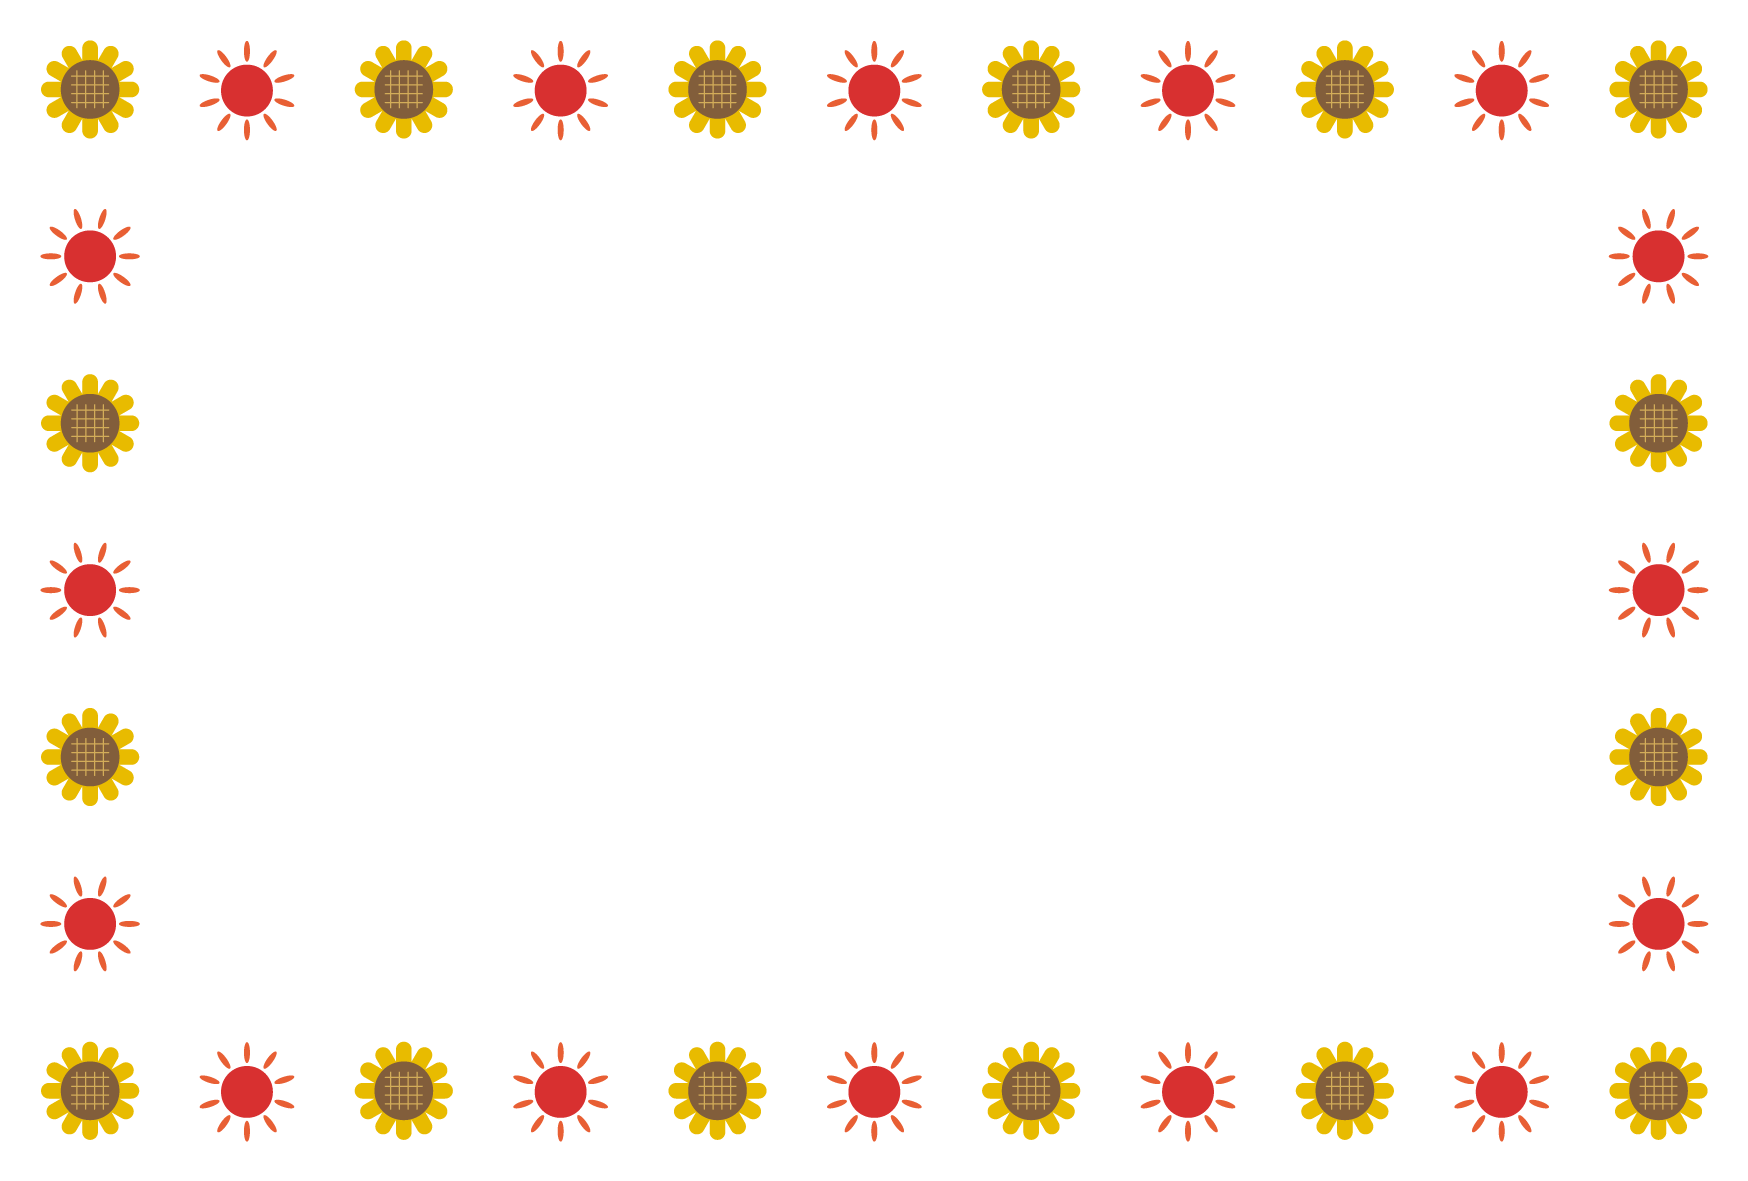 夏ひまわり太陽のシンプル枠イラスト 横 無料 イラストk